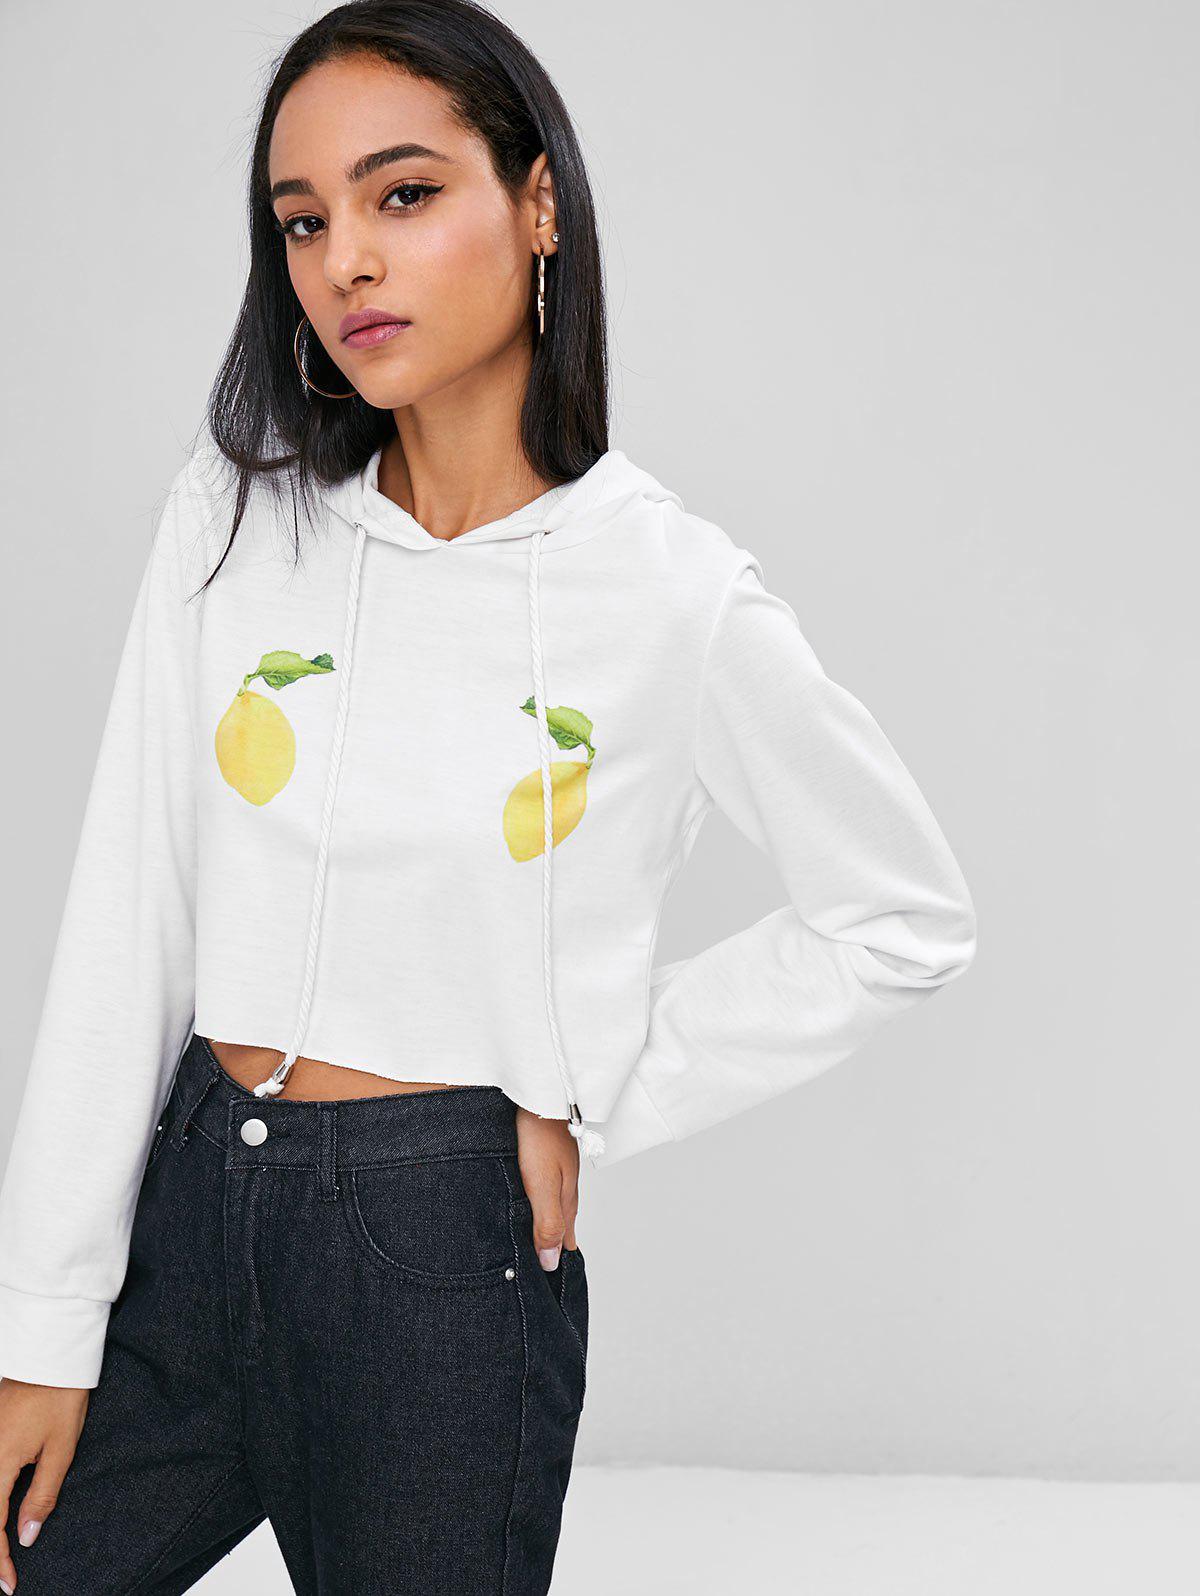 Lemons Graphic Crop Hoodie